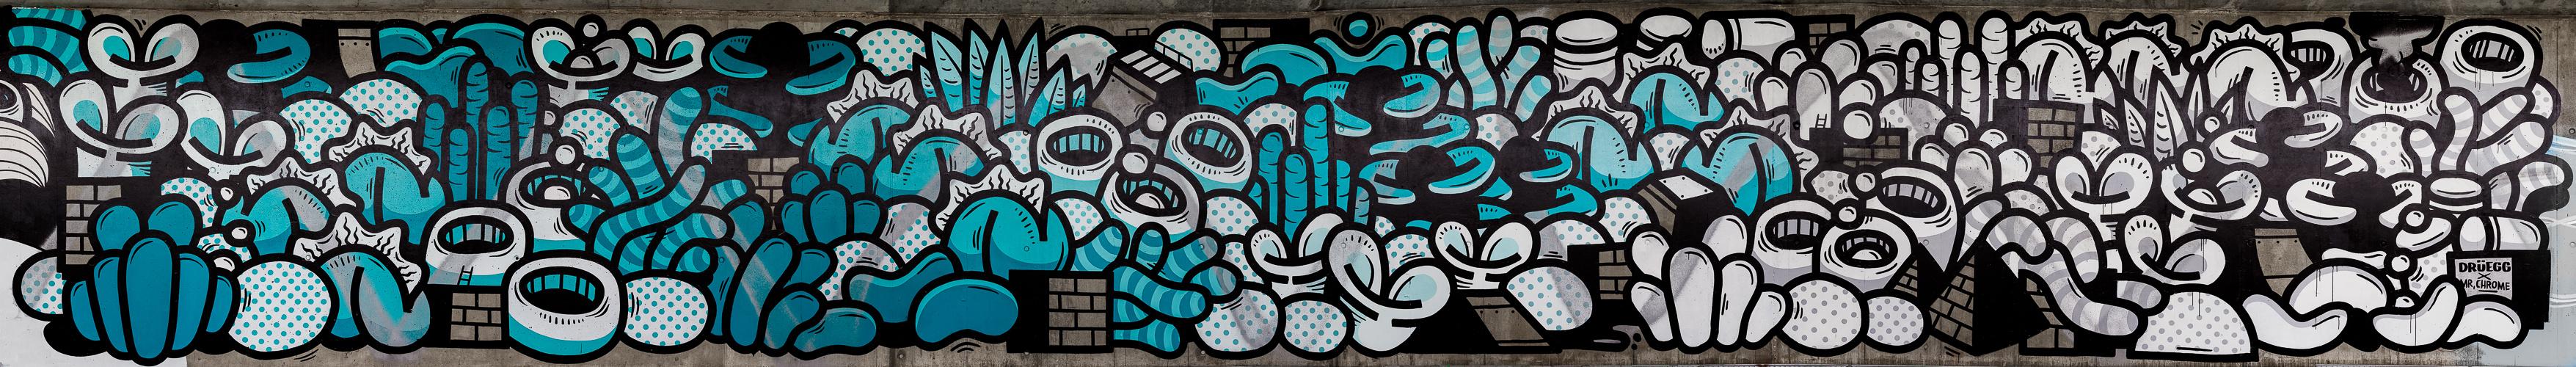 streetart 113